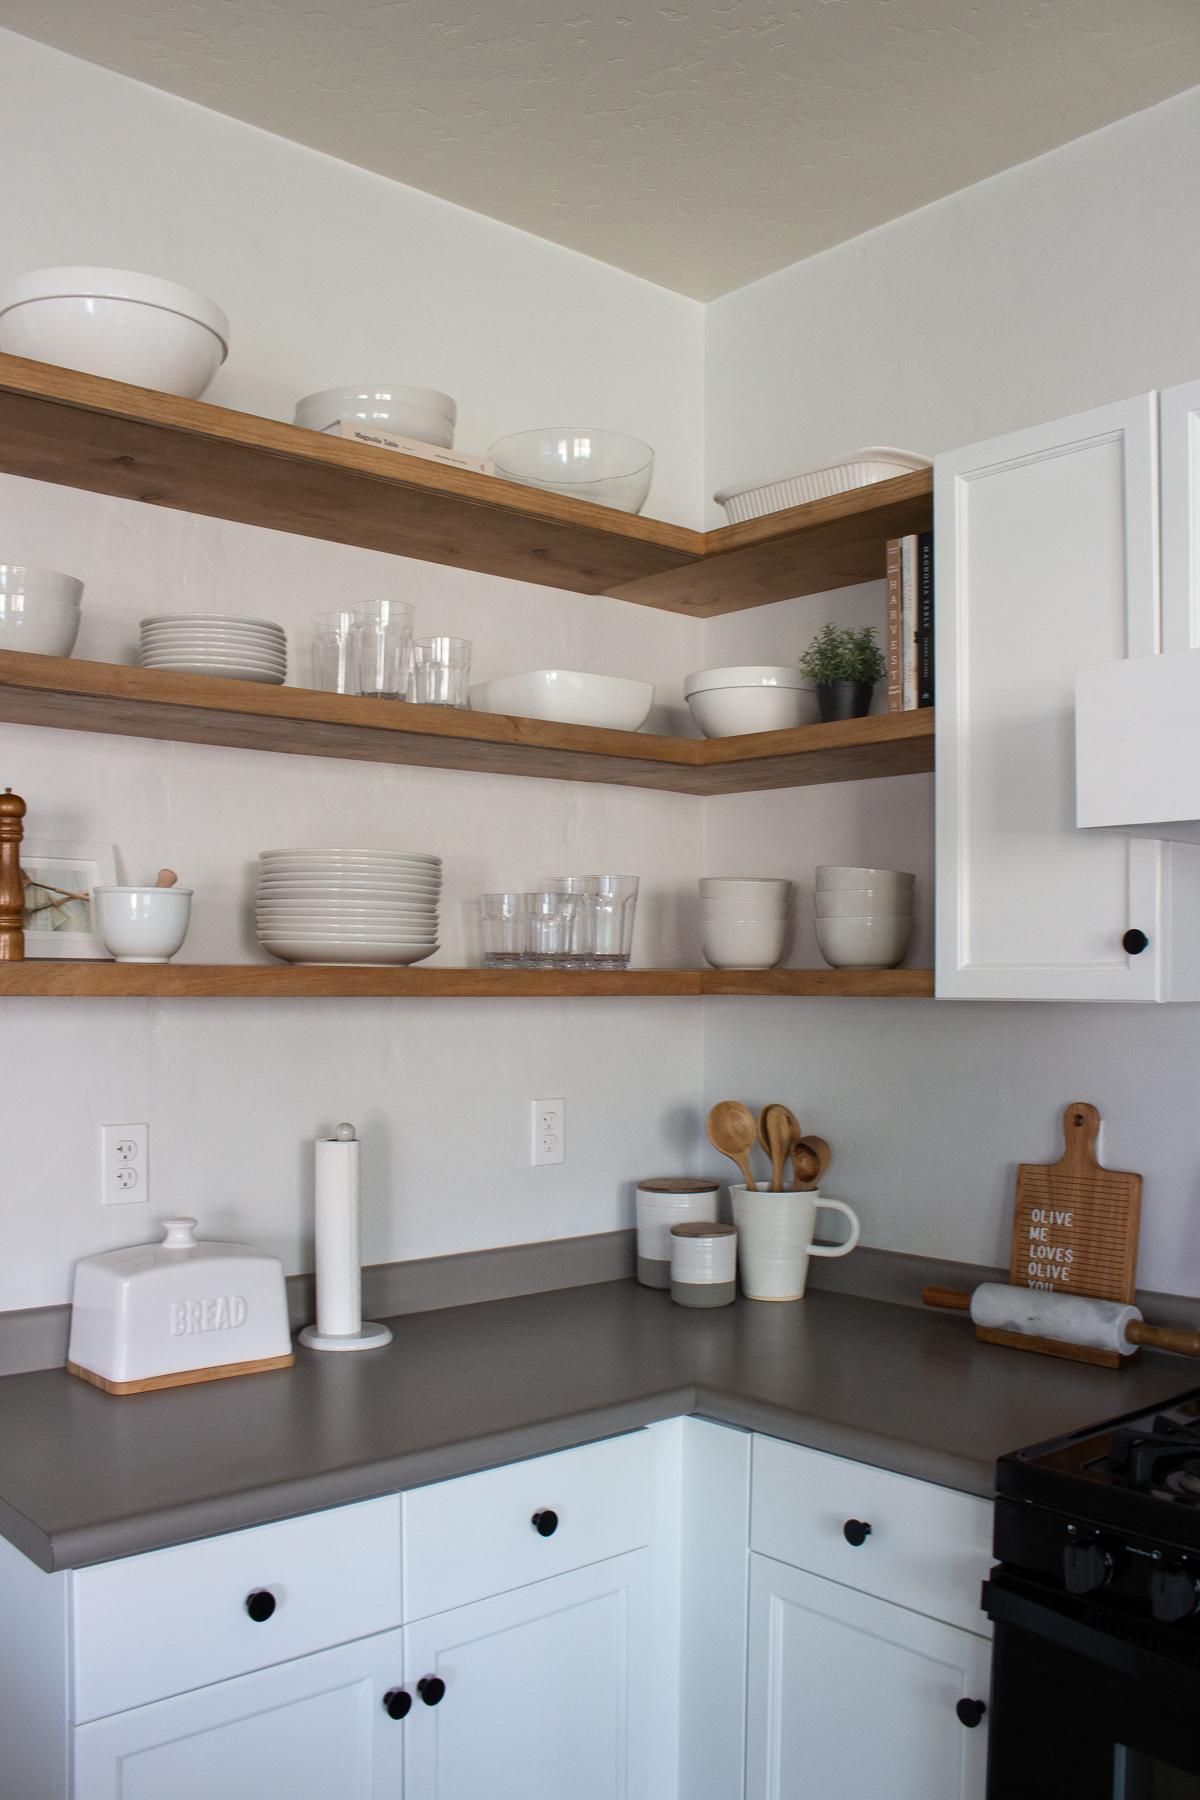 DIY Floating Corner Shelves in Kitchen   Designed Simple